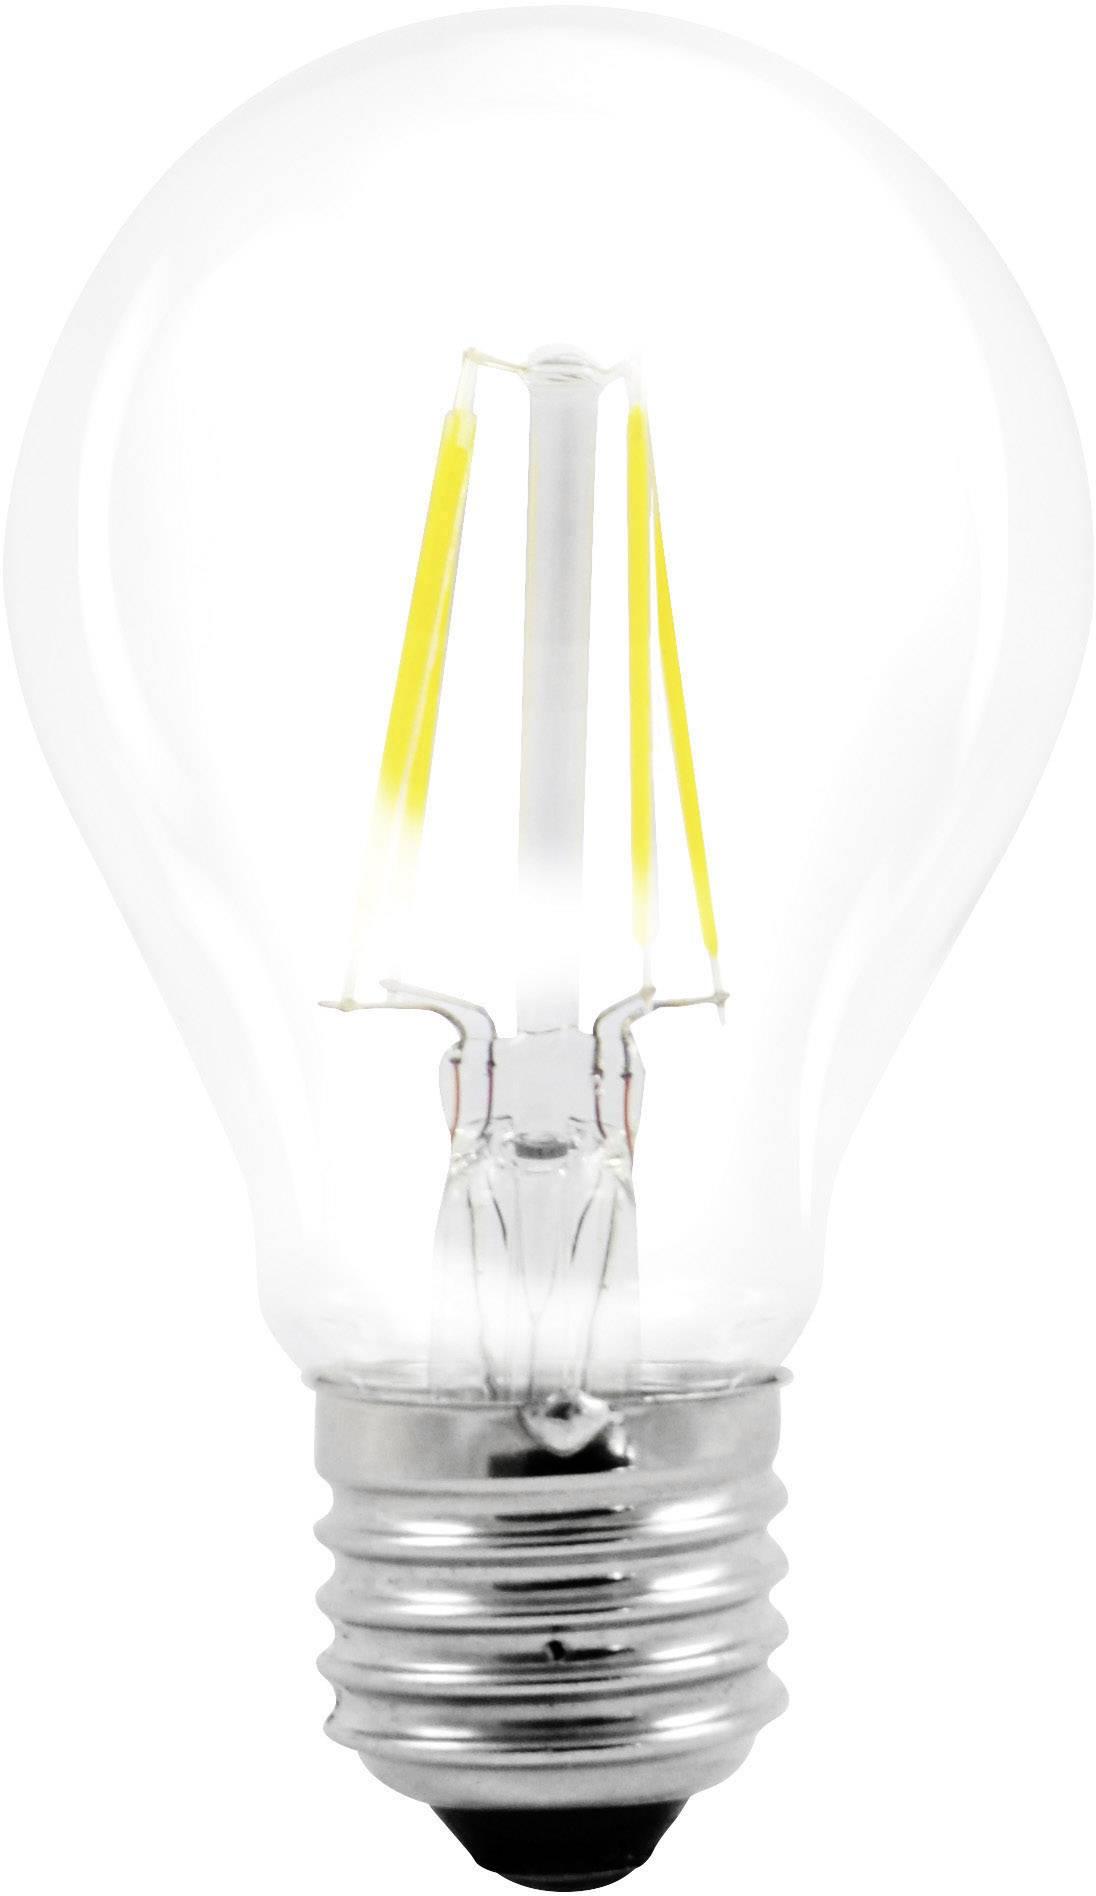 LED Müller Licht 230 V E27 4 W = 37 W teplá bílá A++ 1 ks